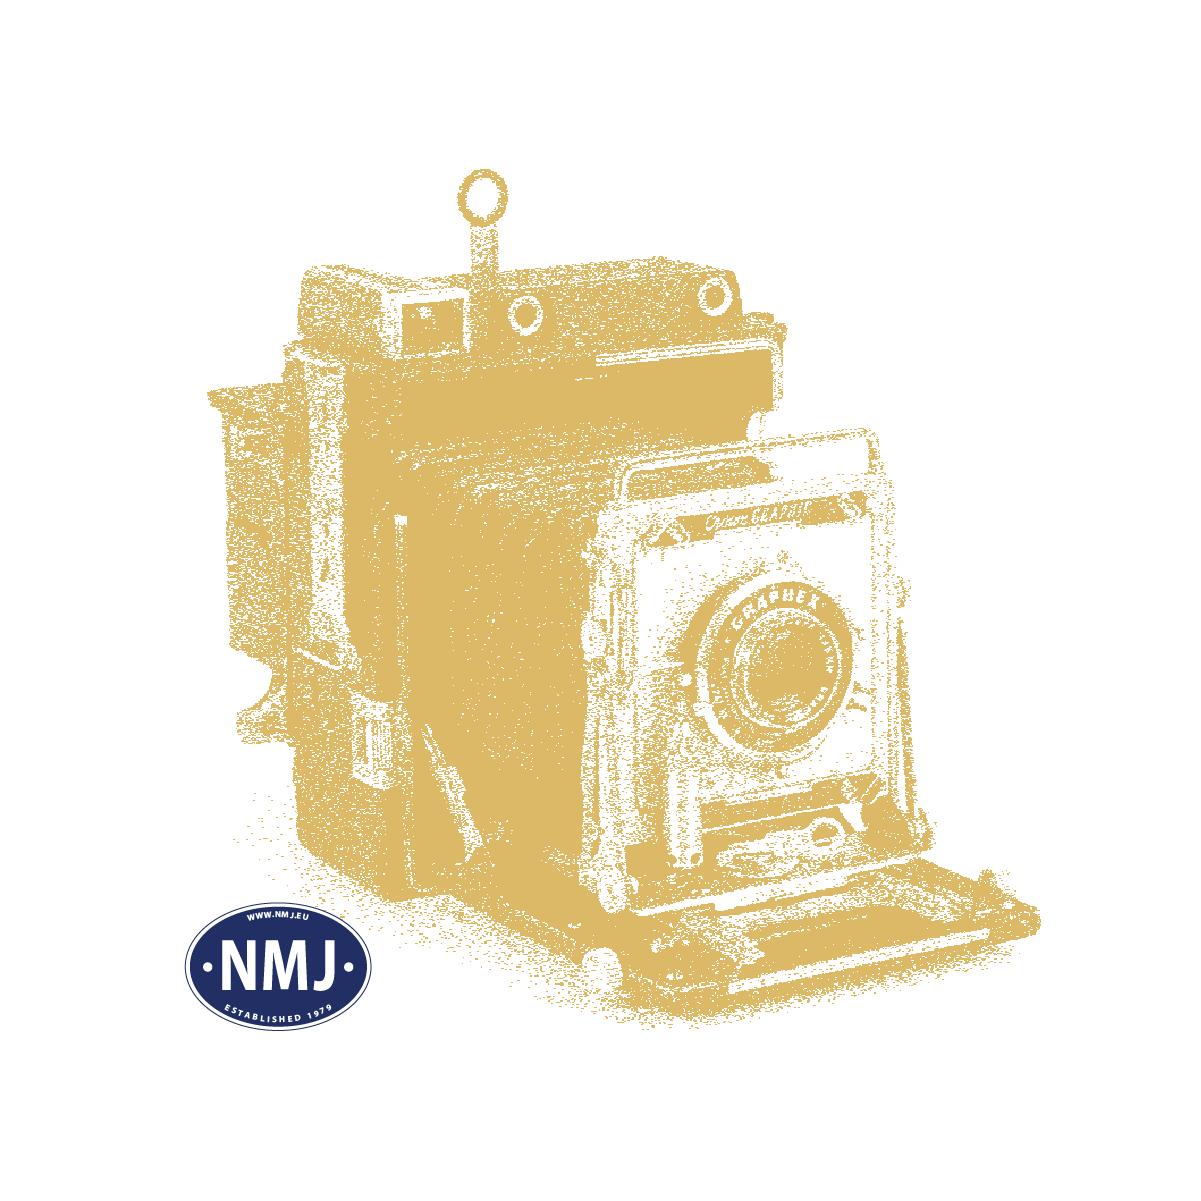 NMJT90304 - NMJ Topline CFL Diesellok 1601 (1956-1971), DCC m/ Sound